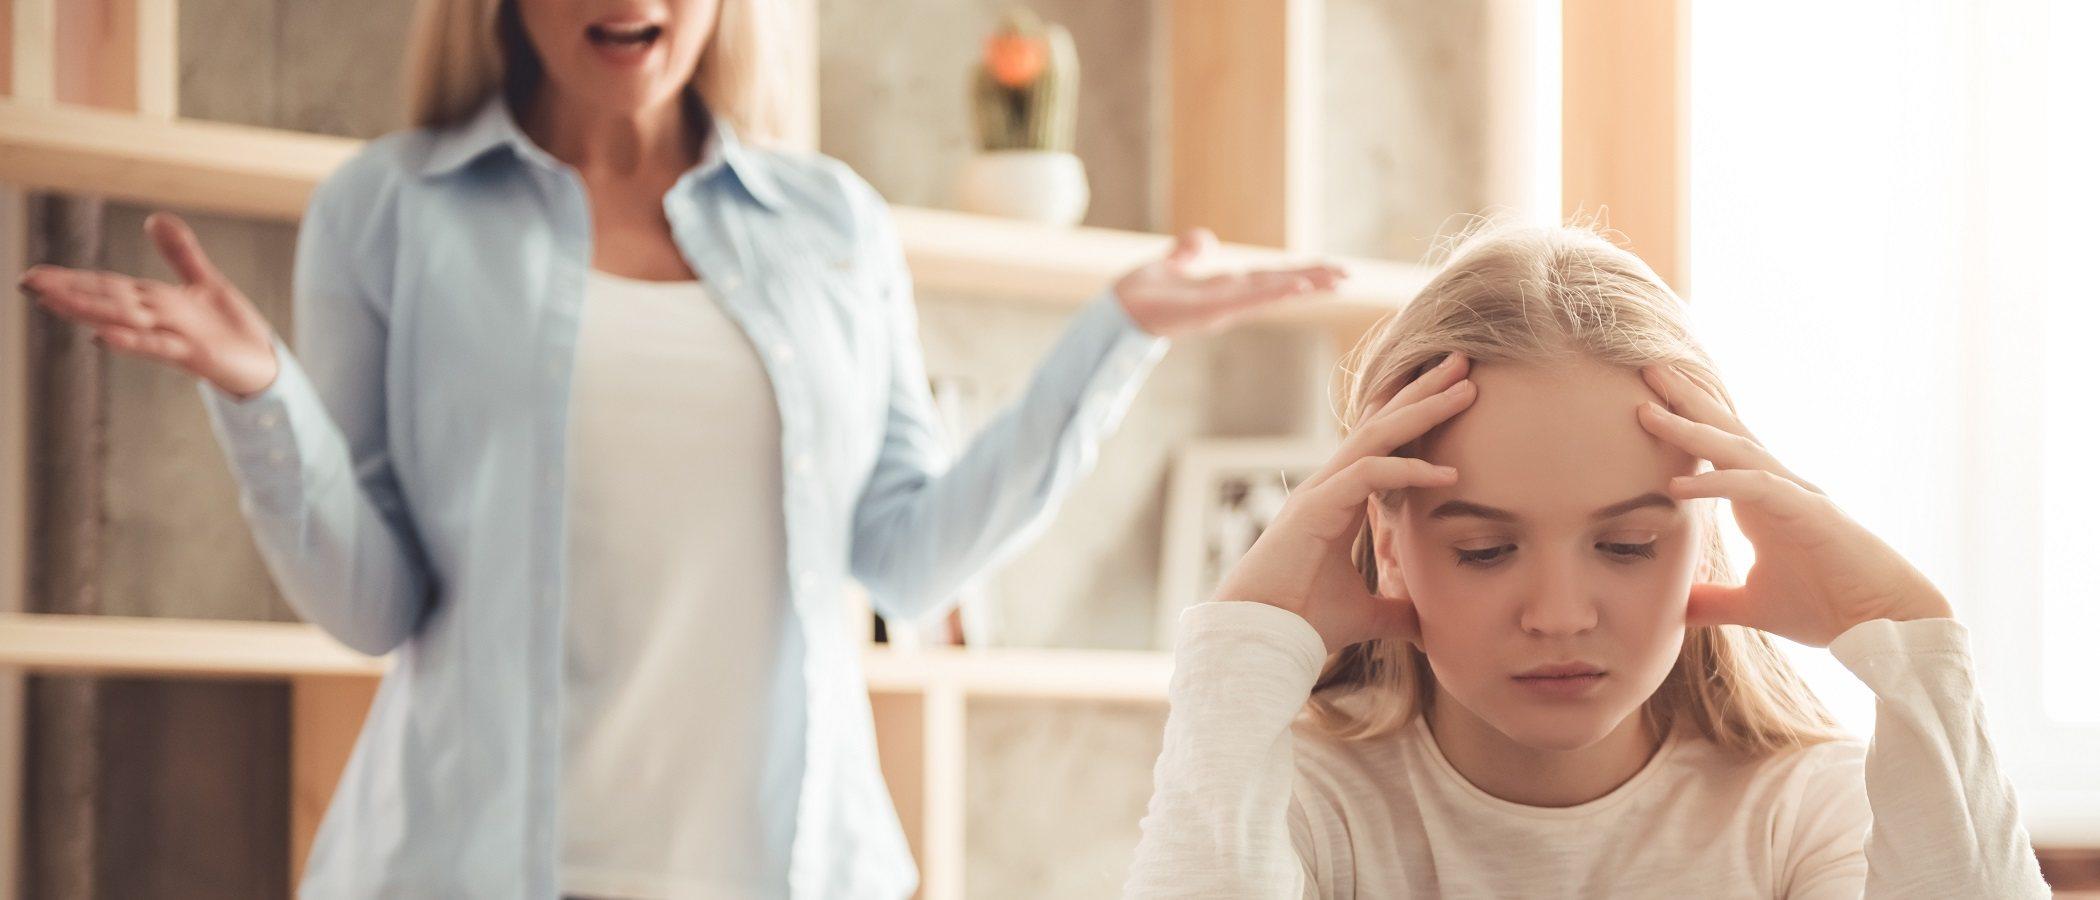 Tu hija adulta es irrespetuosa contigo, ¿qué puedes hacer?